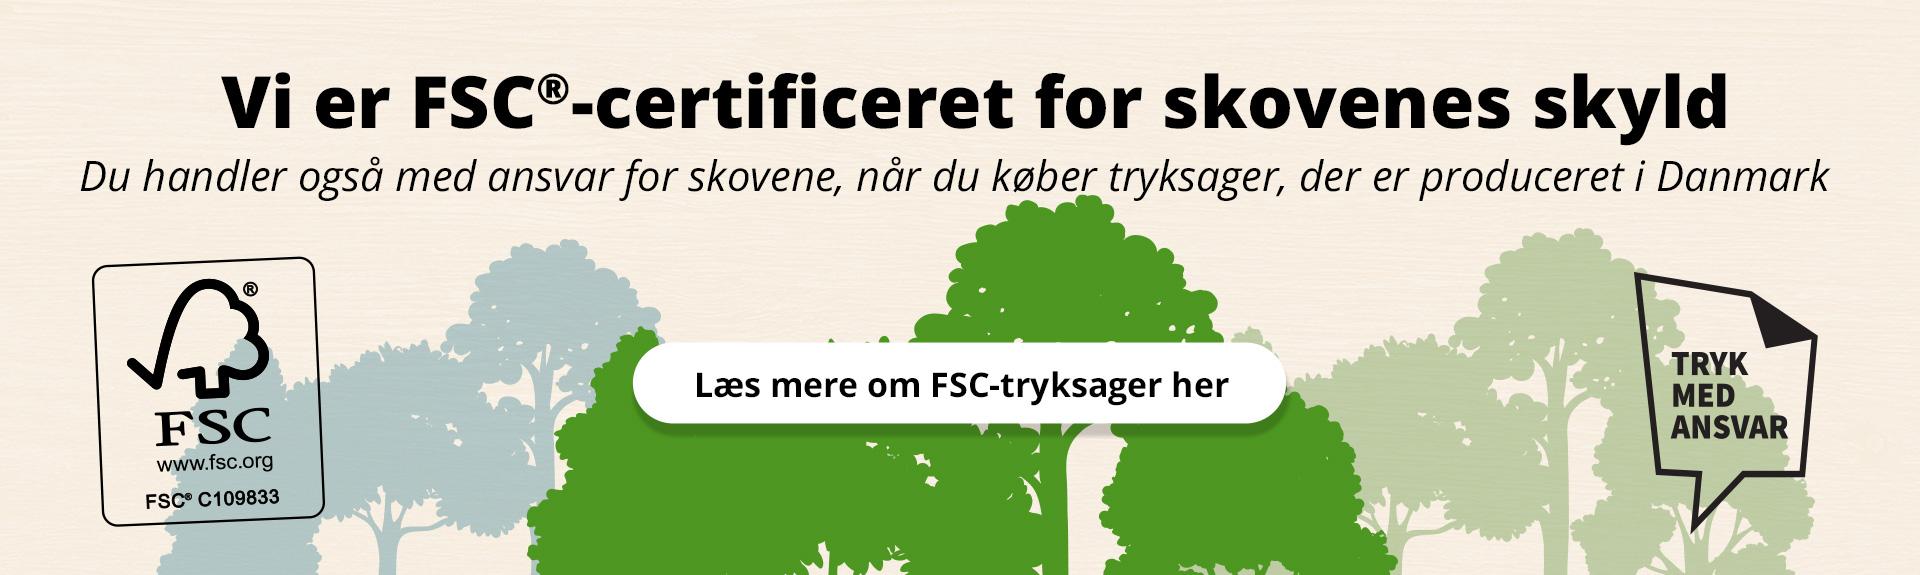 Vi er FSC-certificeret for skovens skyld. Læs mere om FSC her